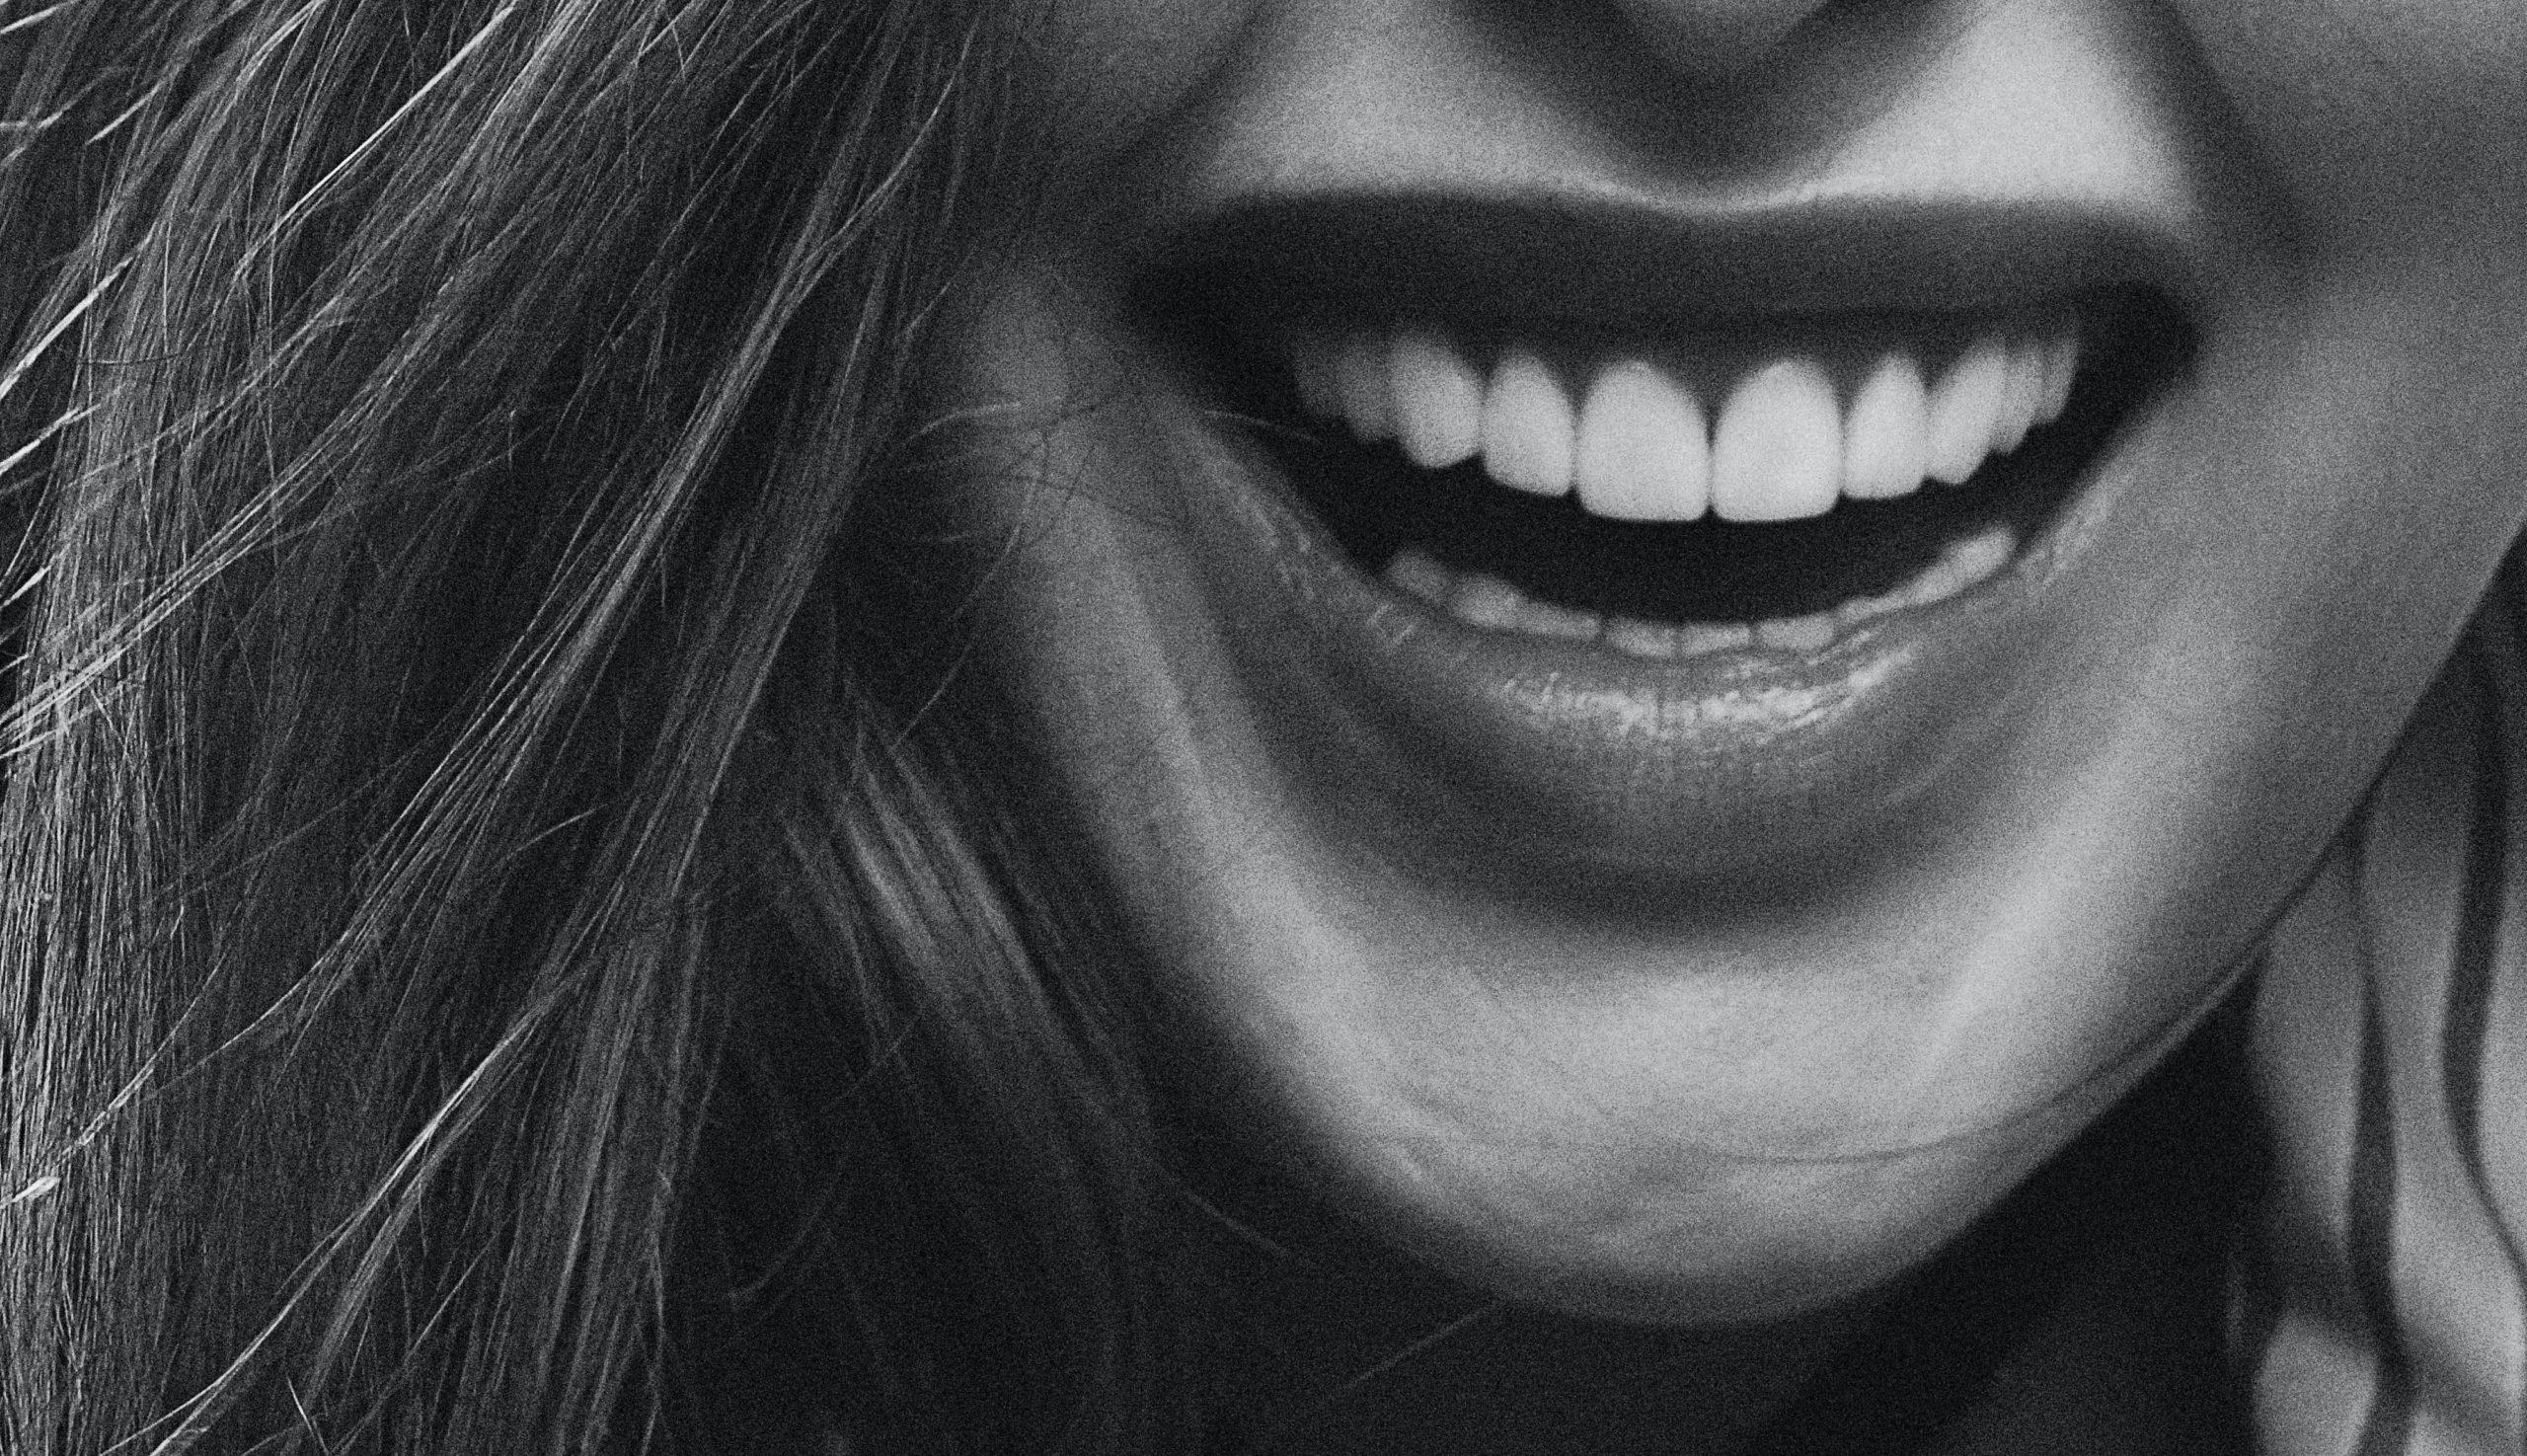 Kvinna med stort härligt leende